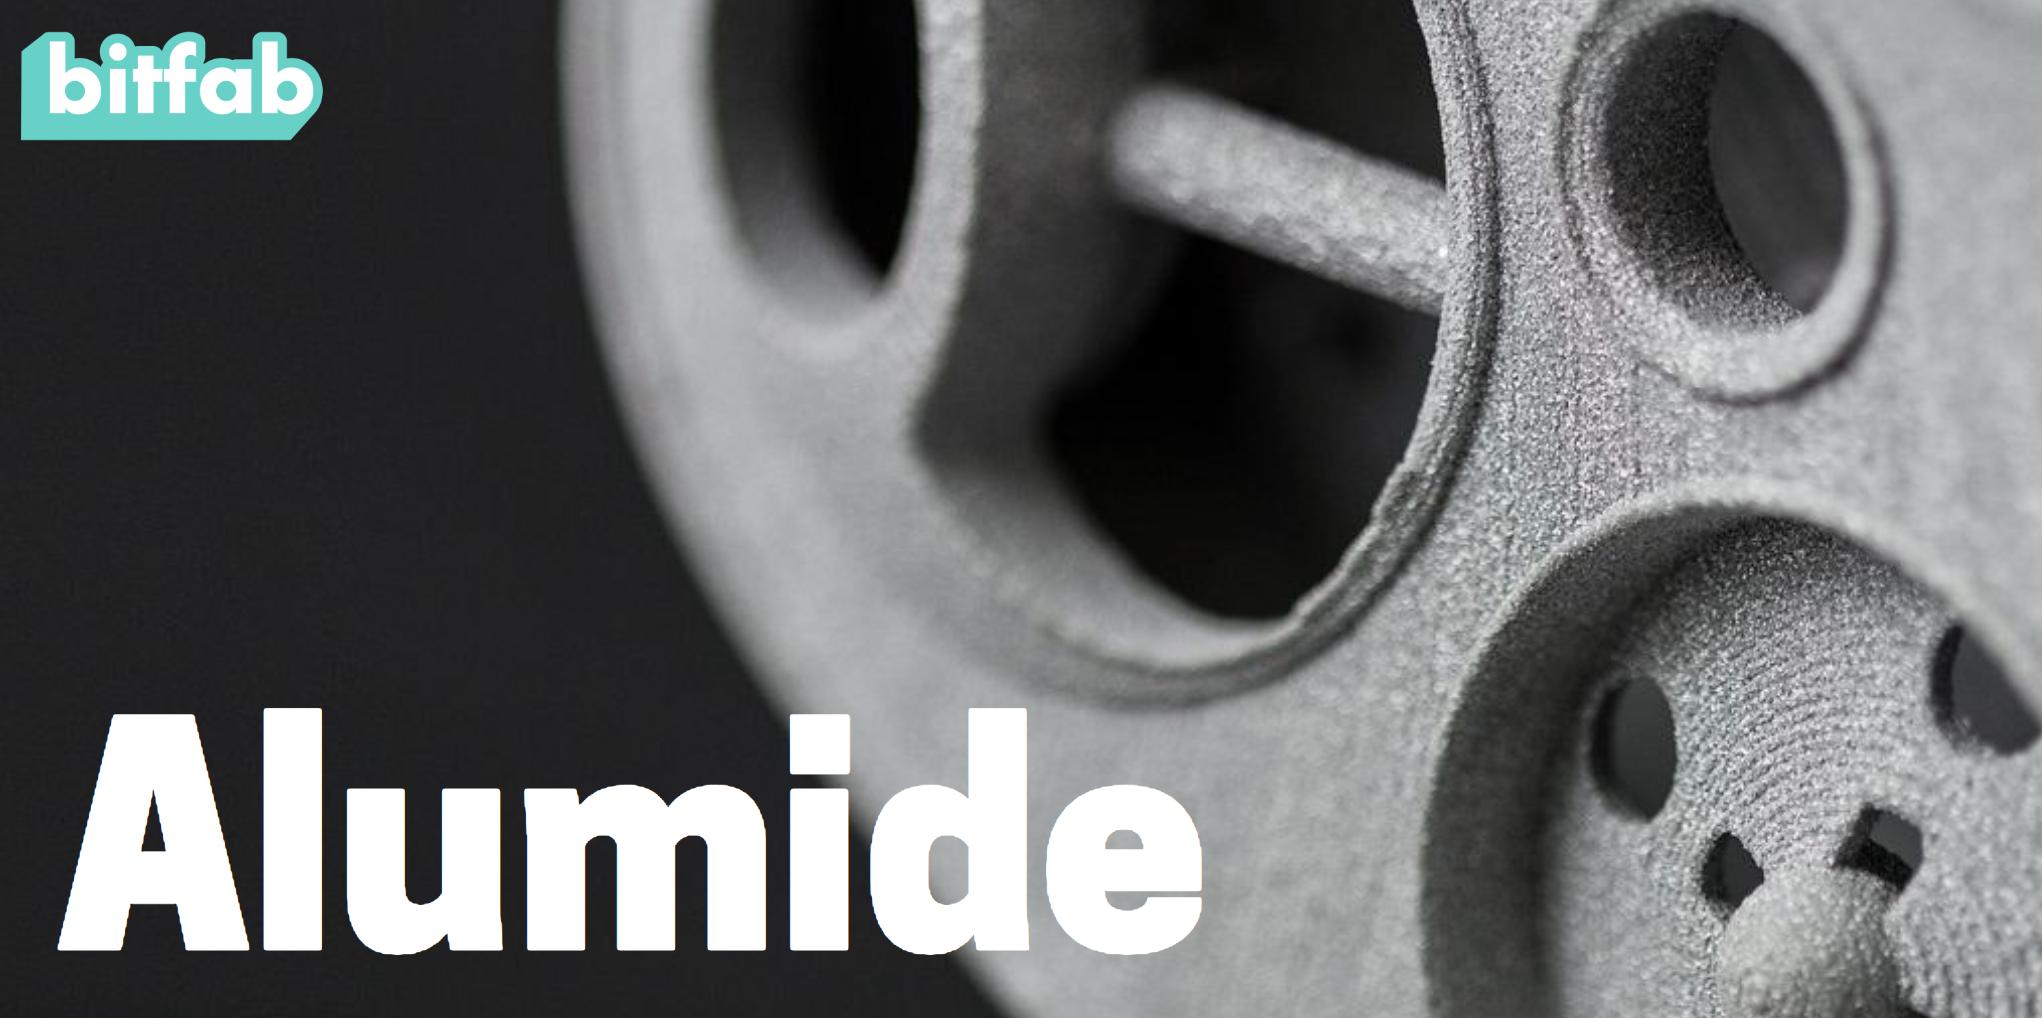 Impressão em Alumide